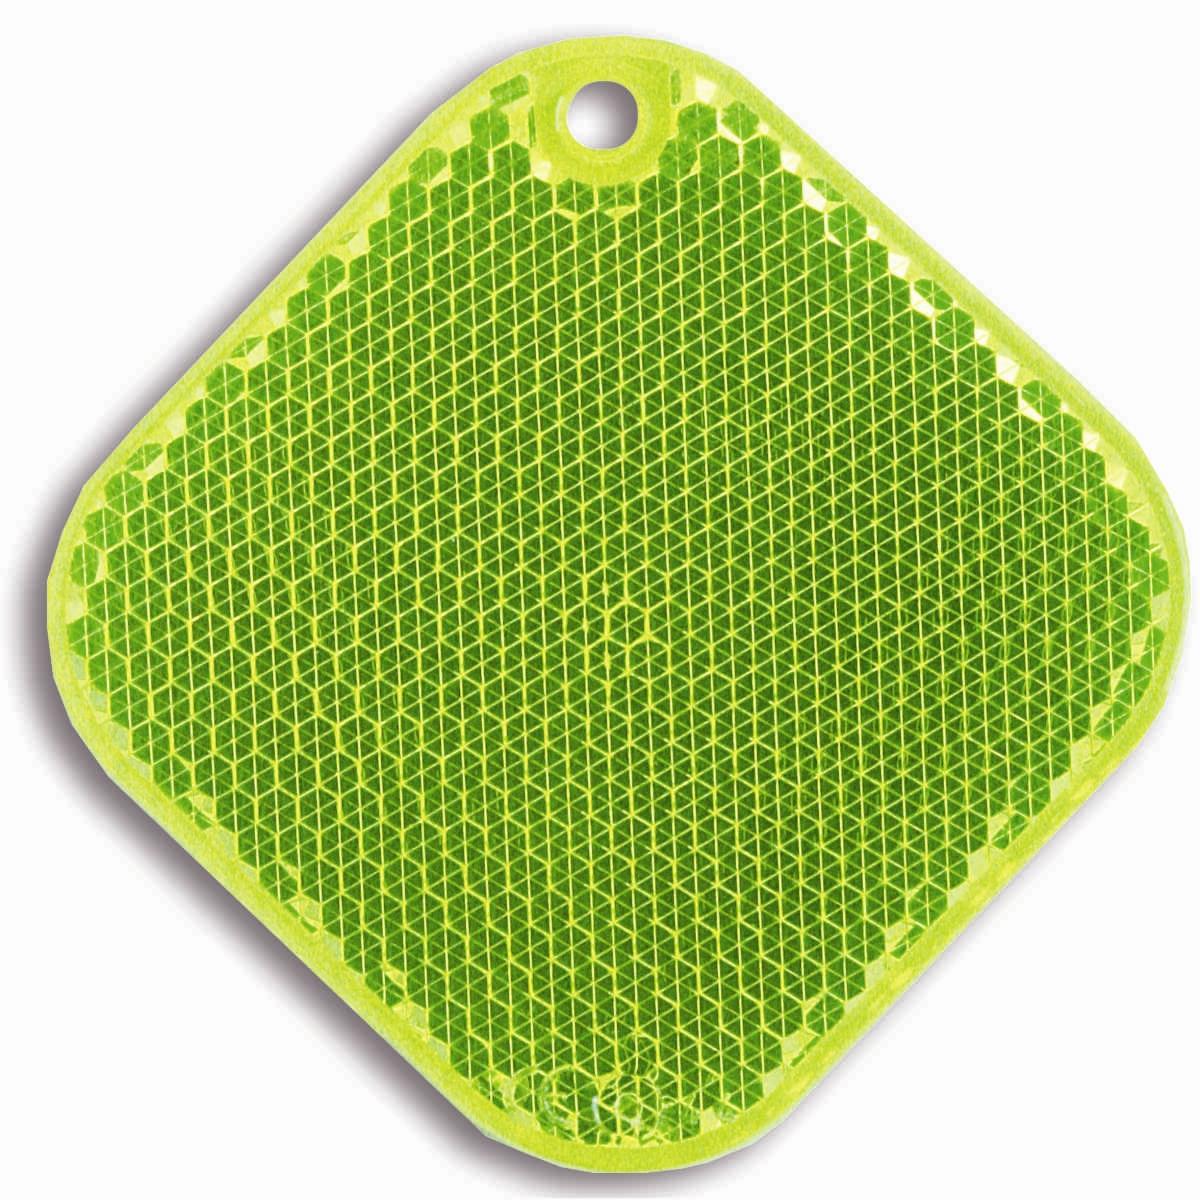 Светоотражатель пешеходный Coreflect Ромб, цвет: желтый118704Пешеходный светоотражатель — это серьезное средство безопасности на дороге. Использование светоотражателей позволяет в десятки раз сократить количество ДТП с участием пешеходов в темное время суток. Светоотражатель крепится на одежду и обладает способностью к направленному отражению светового потока. Благодаря такому отражению, водитель может вовремя заметить пешехода в темноте, даже если он стоит или двигается по обочине. А значит, он успеет среагировать и избежит возможного столкновения. С 1 июля 2015 года ношение светоотражателей вне населенных пунктов является обязательным для пешеходов! Мы рекомендуем носить их и в городе! Для безопасности и сохранения жизни!